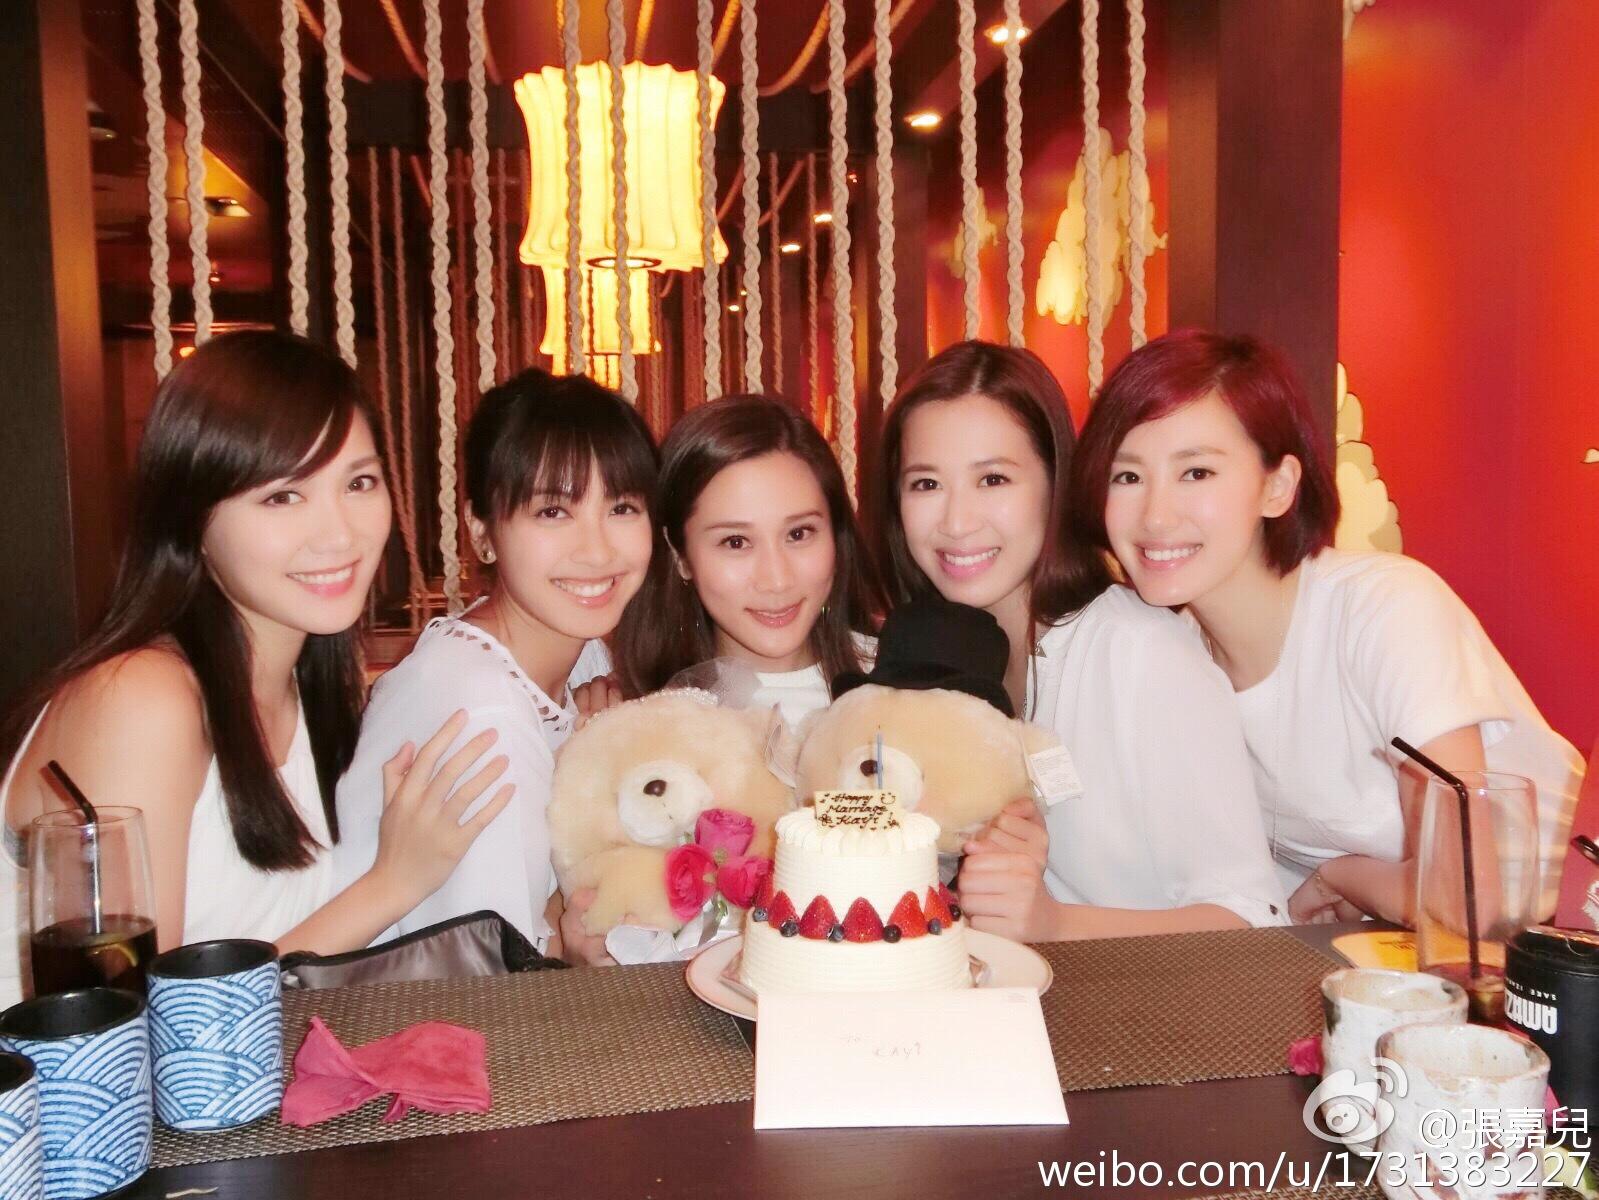 (左起)湯洛雯、朱千雪、張嘉兒、湯洛雯、蔣家旻昨晚齊齊來個「婚前聚會」。(微博圖片)